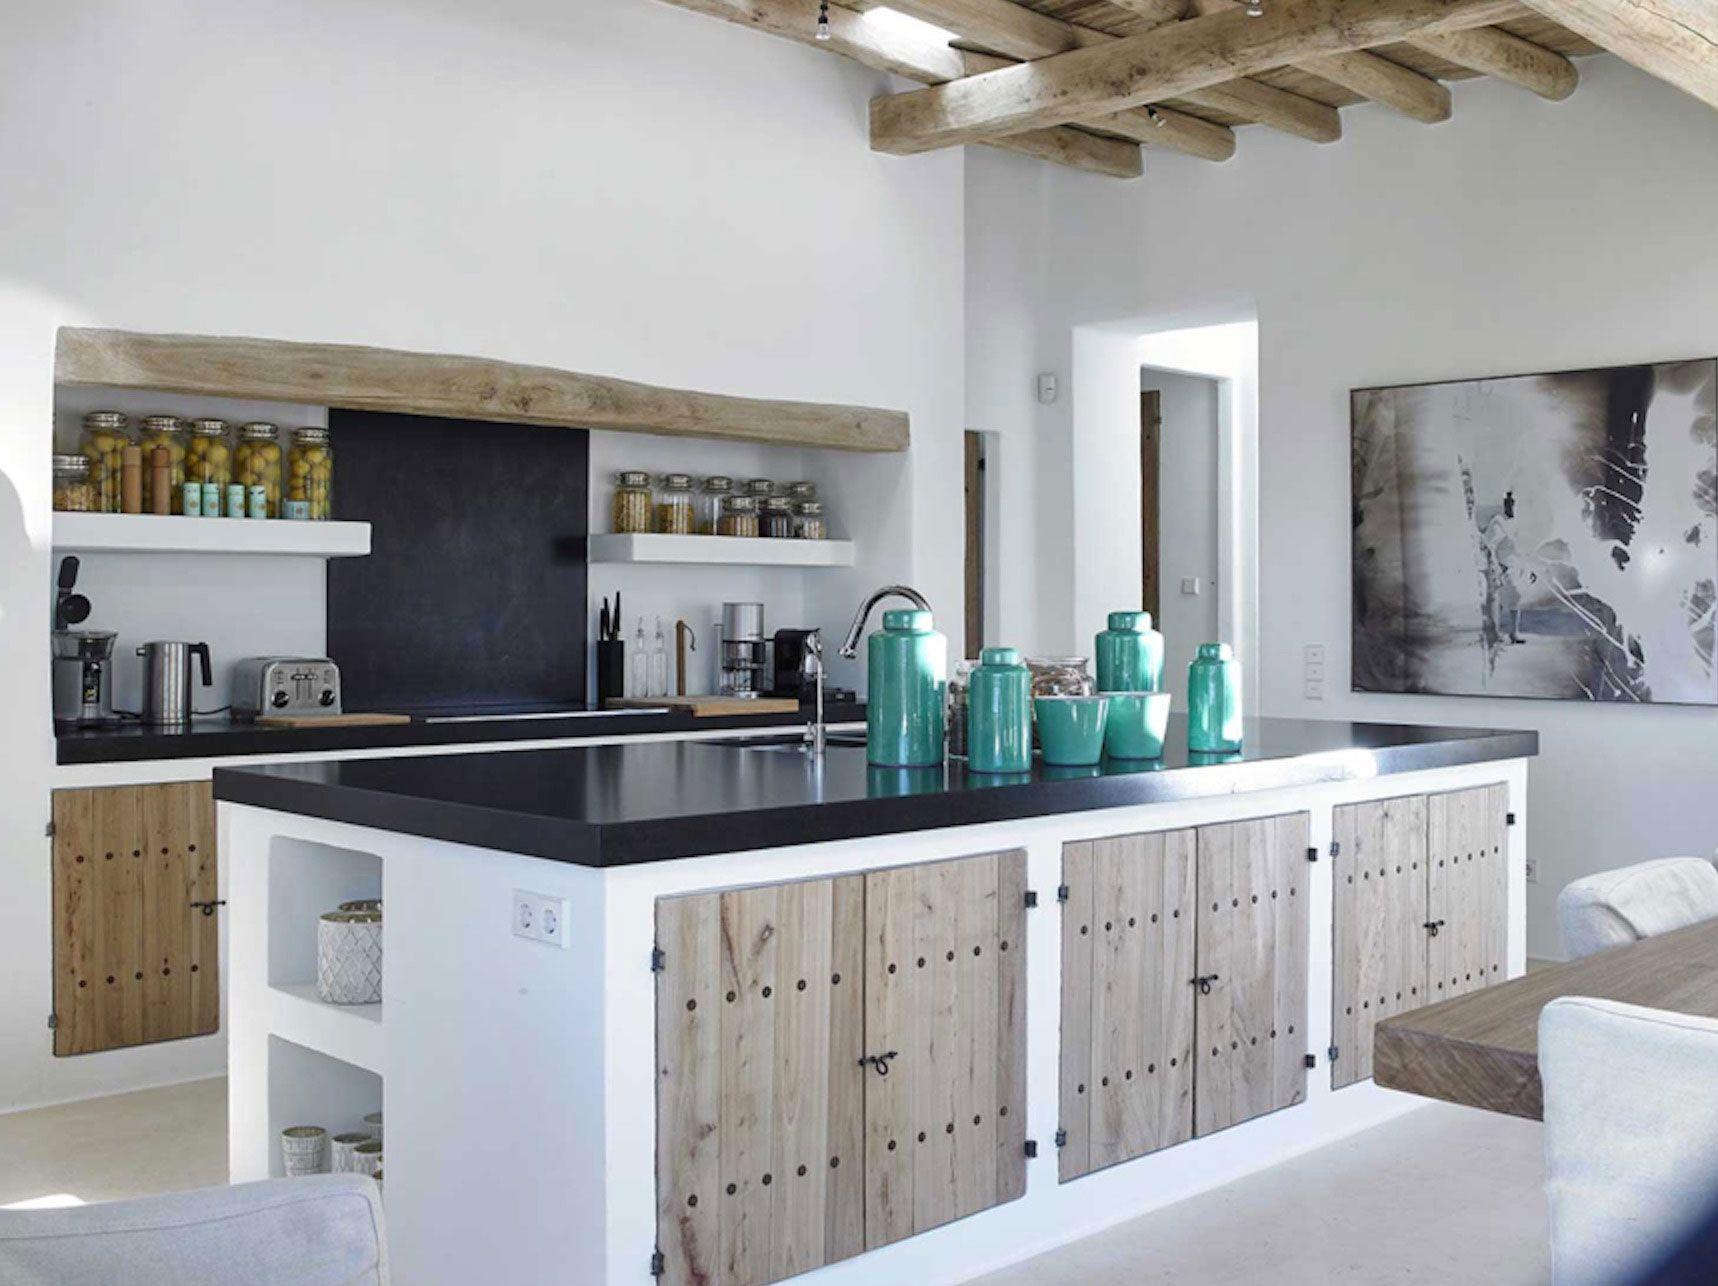 Noches en Ibiza | Casas de campo | Pinterest | Cucine, Mobili ...